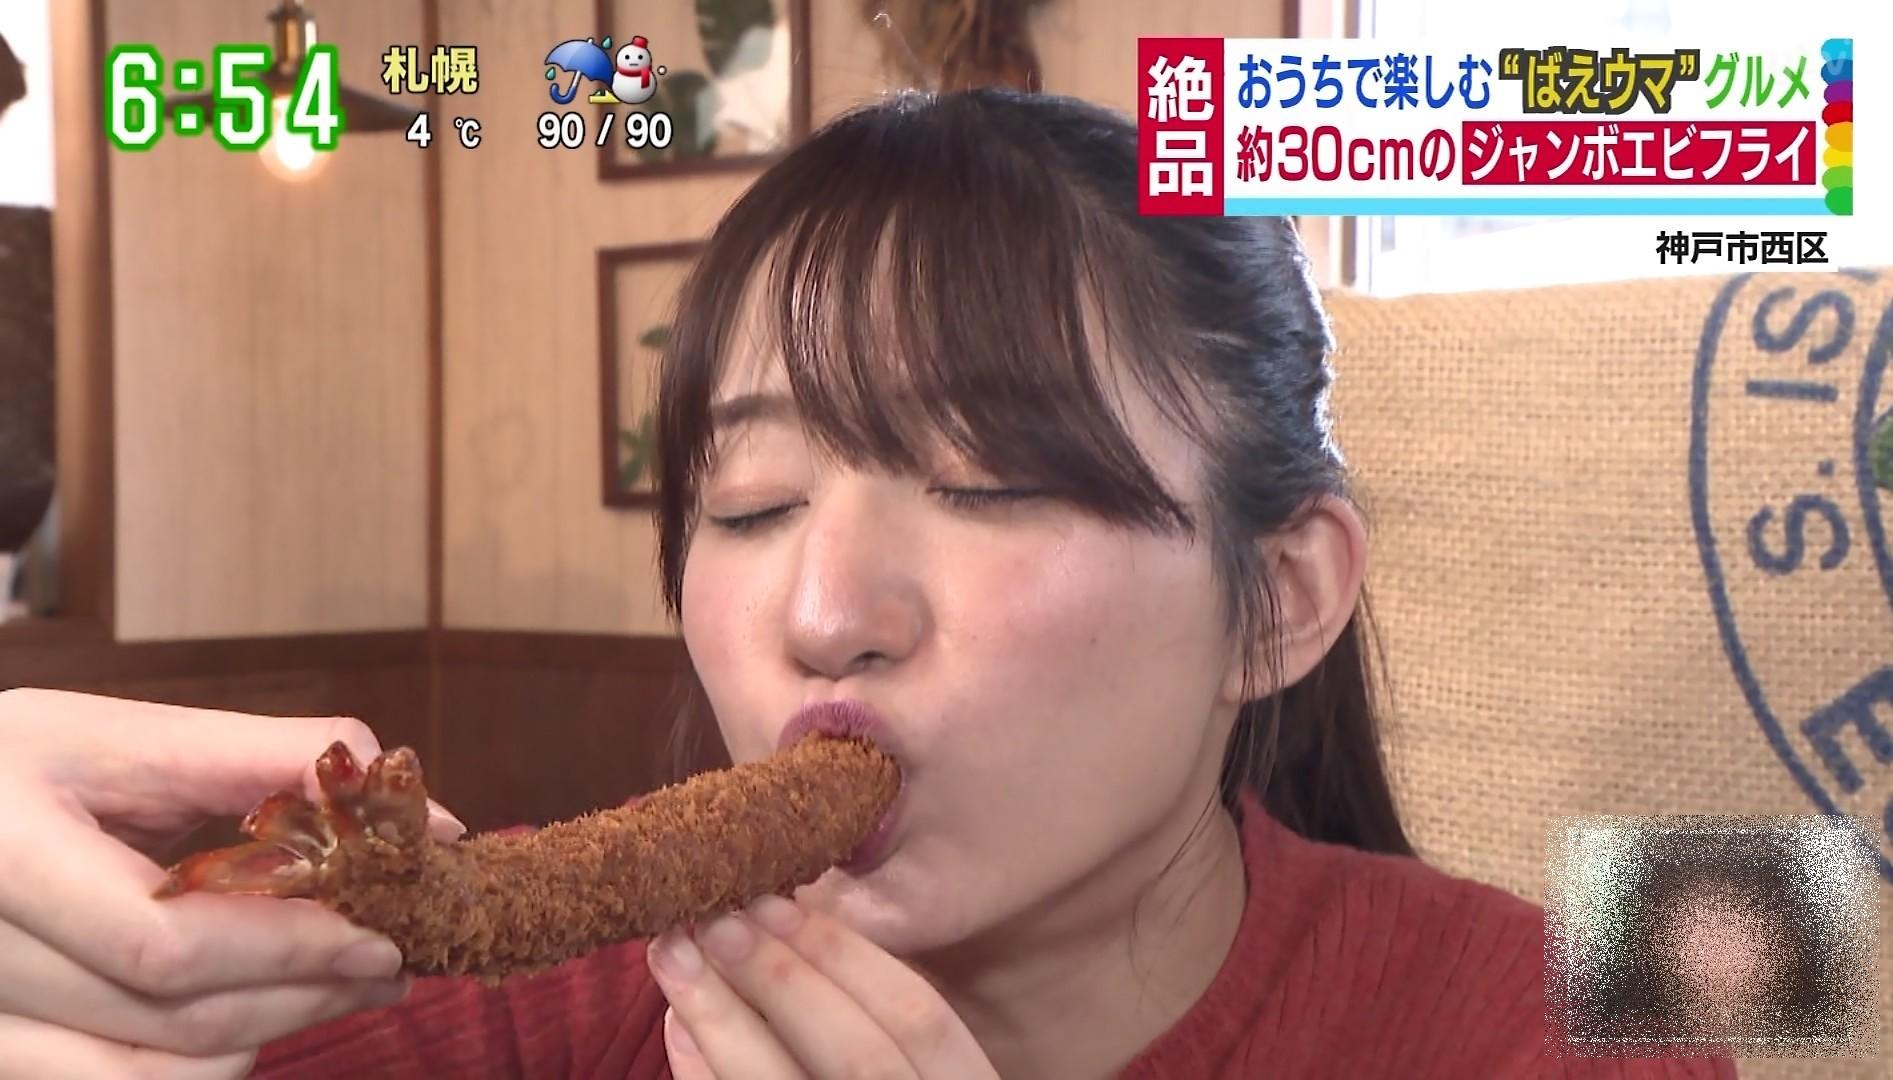 池田愛恵里の疑似フェラ (19)